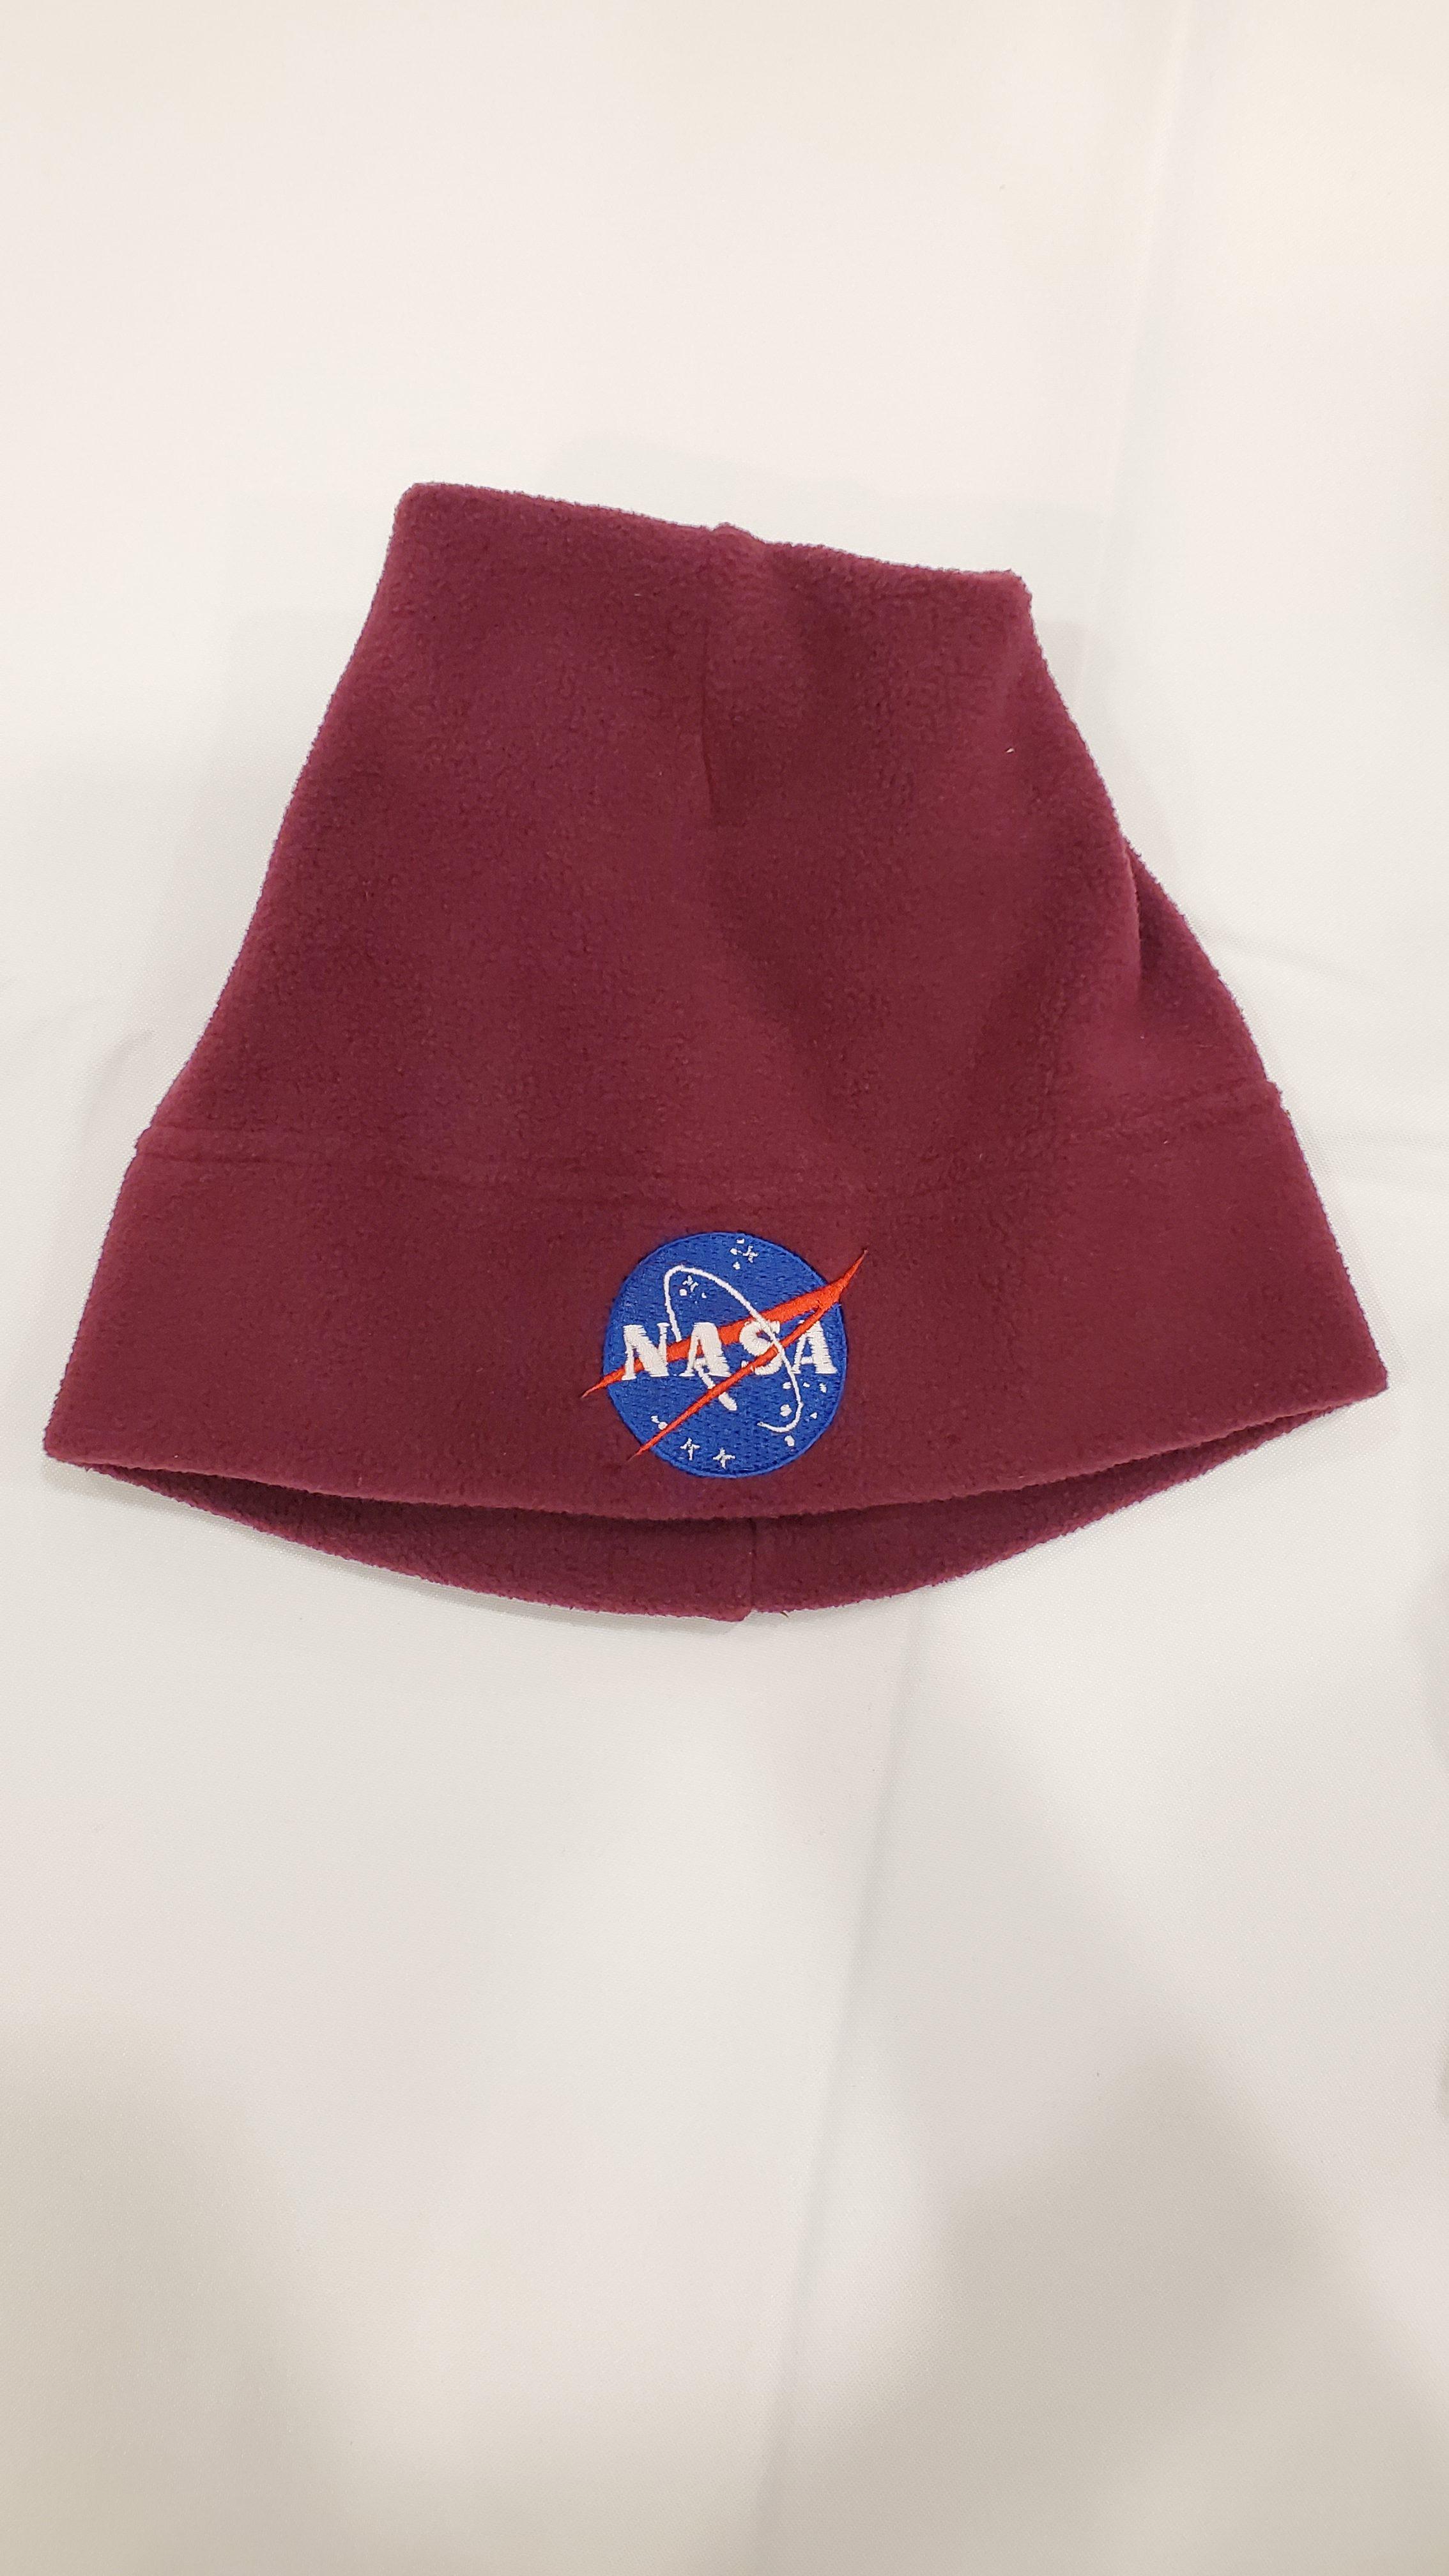 Image of Red NASA Beanie